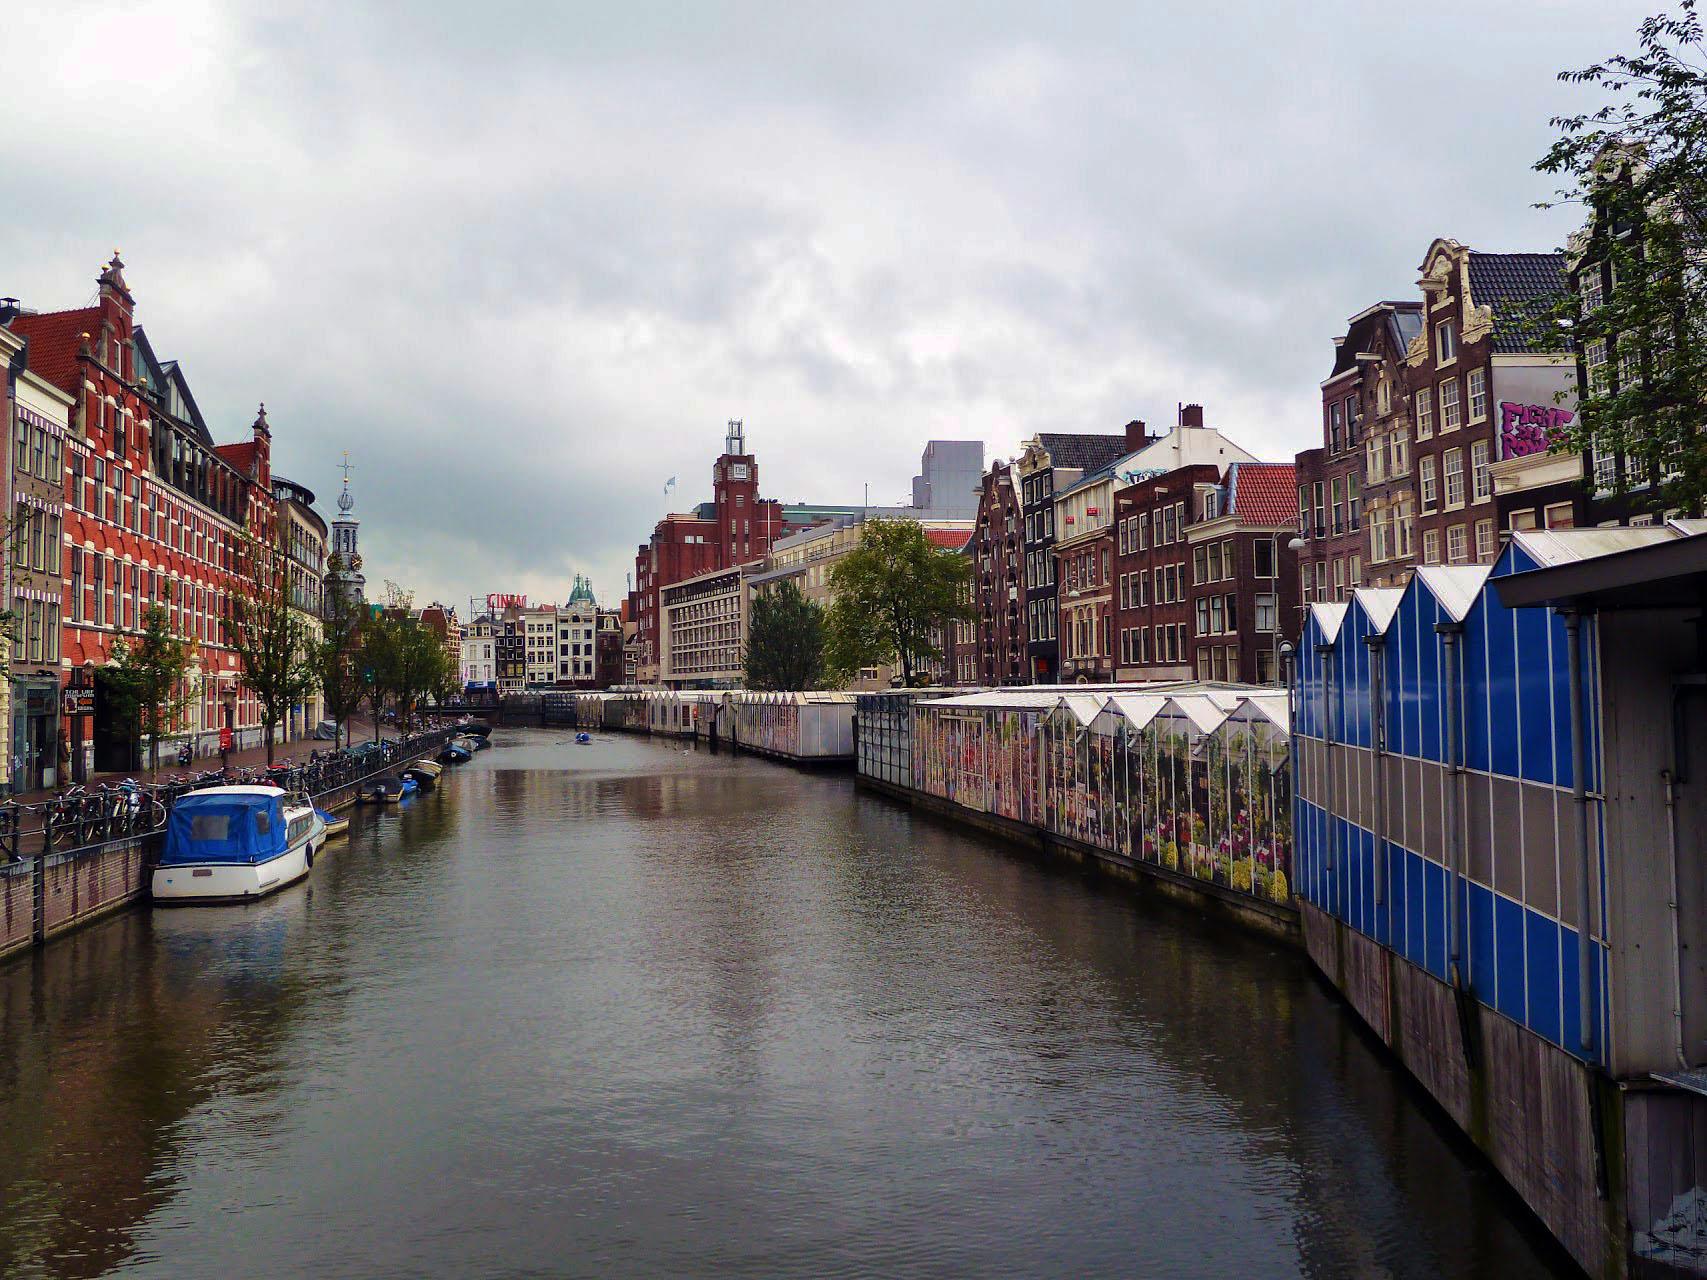 деталях показа достопримечательности амстердама фото и описание помощью